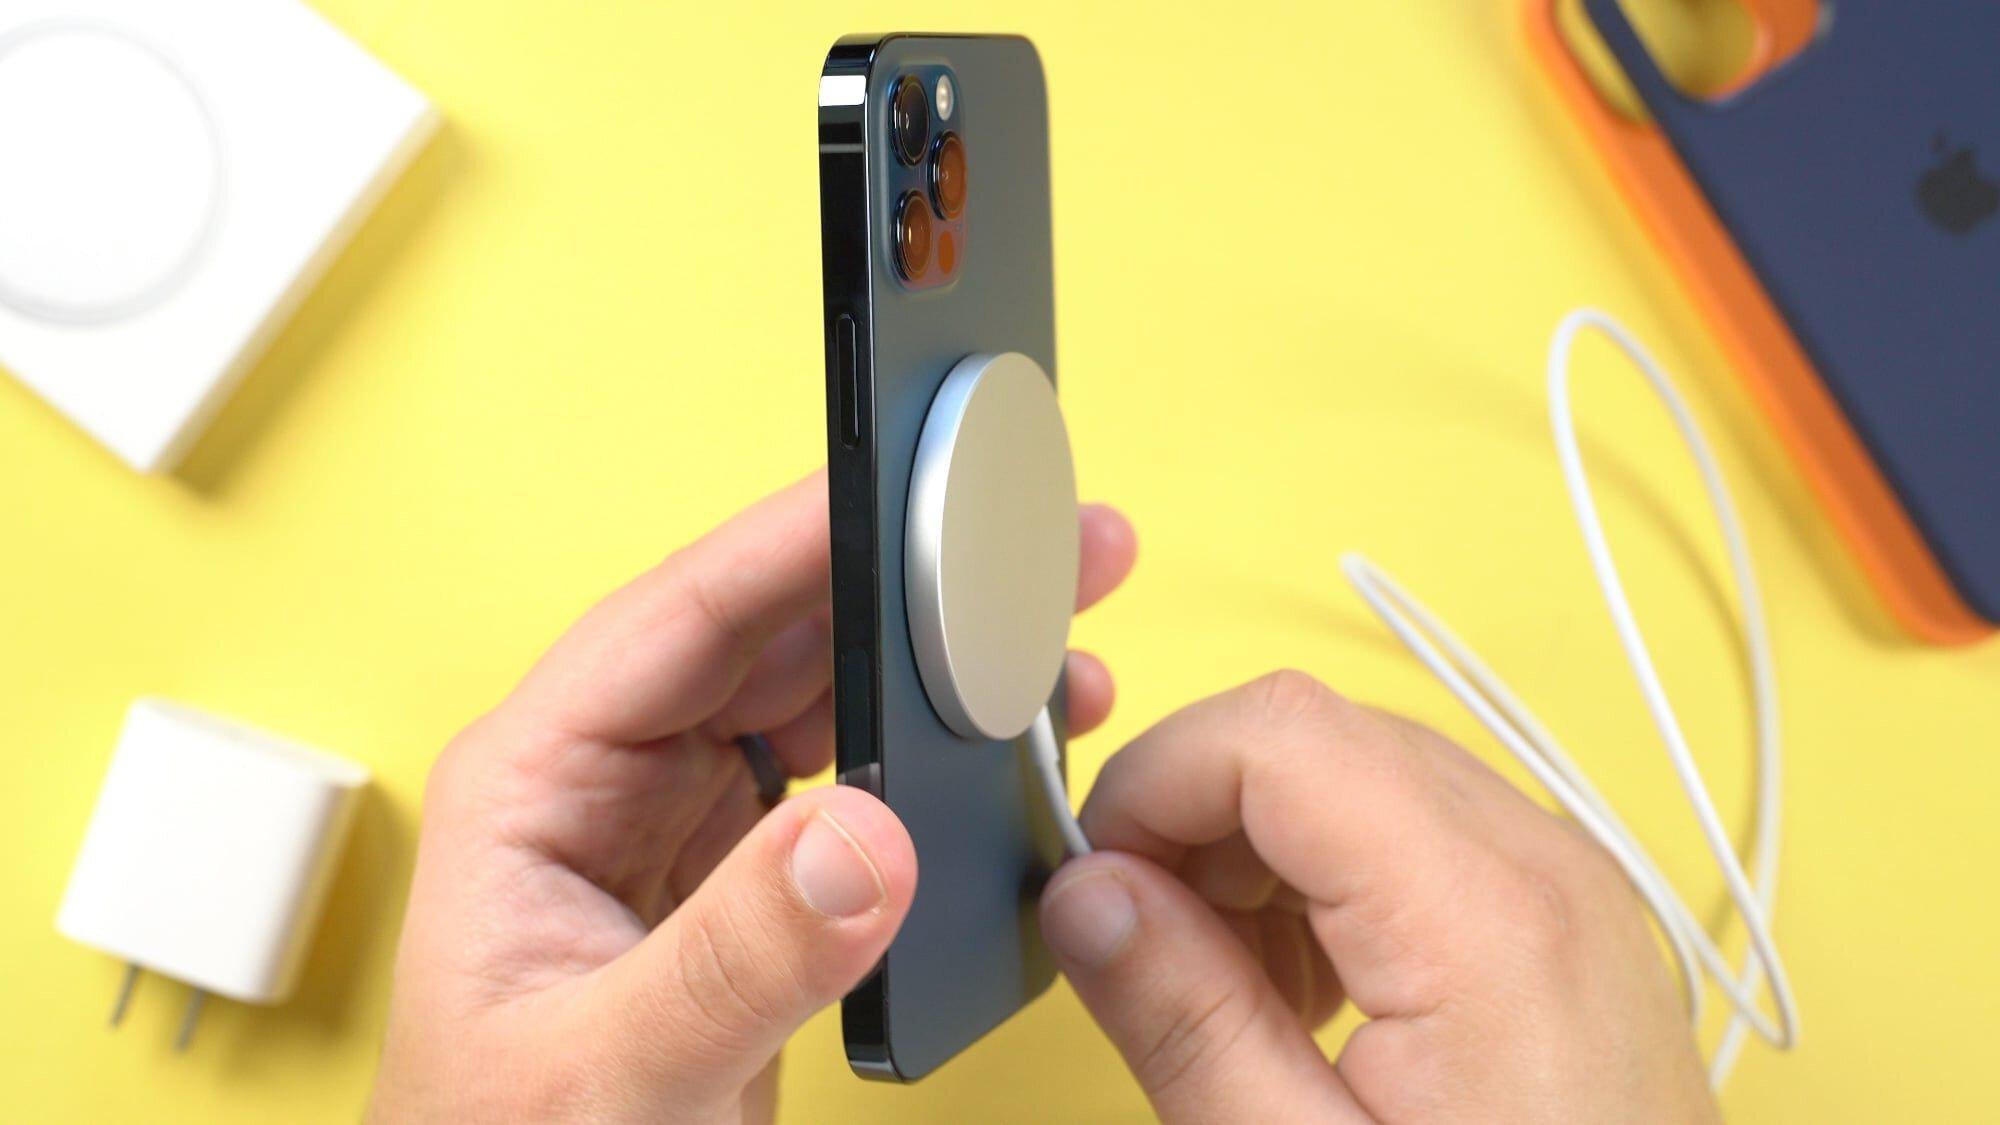 Böylece Apple MagSafe'in kalp cihazı kullanan kişiler için sakıncalı olabileceği bir kez daha netleşti.